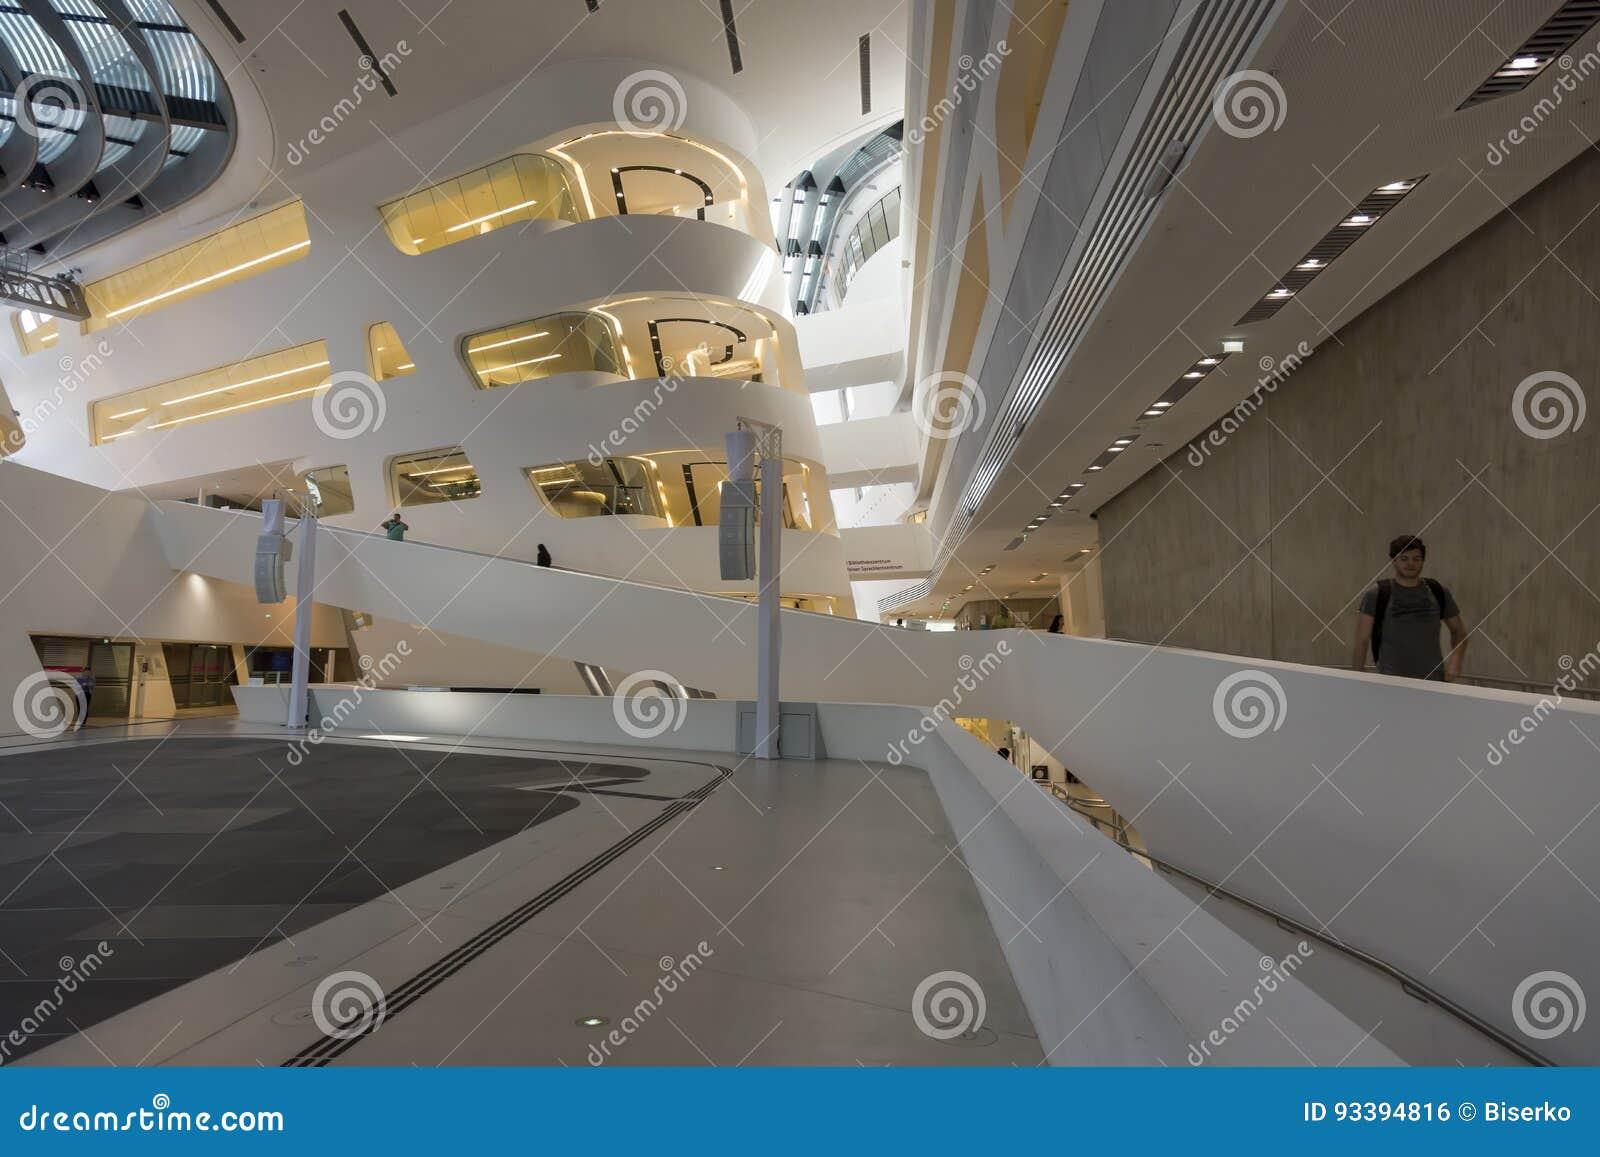 Vienna University Campus